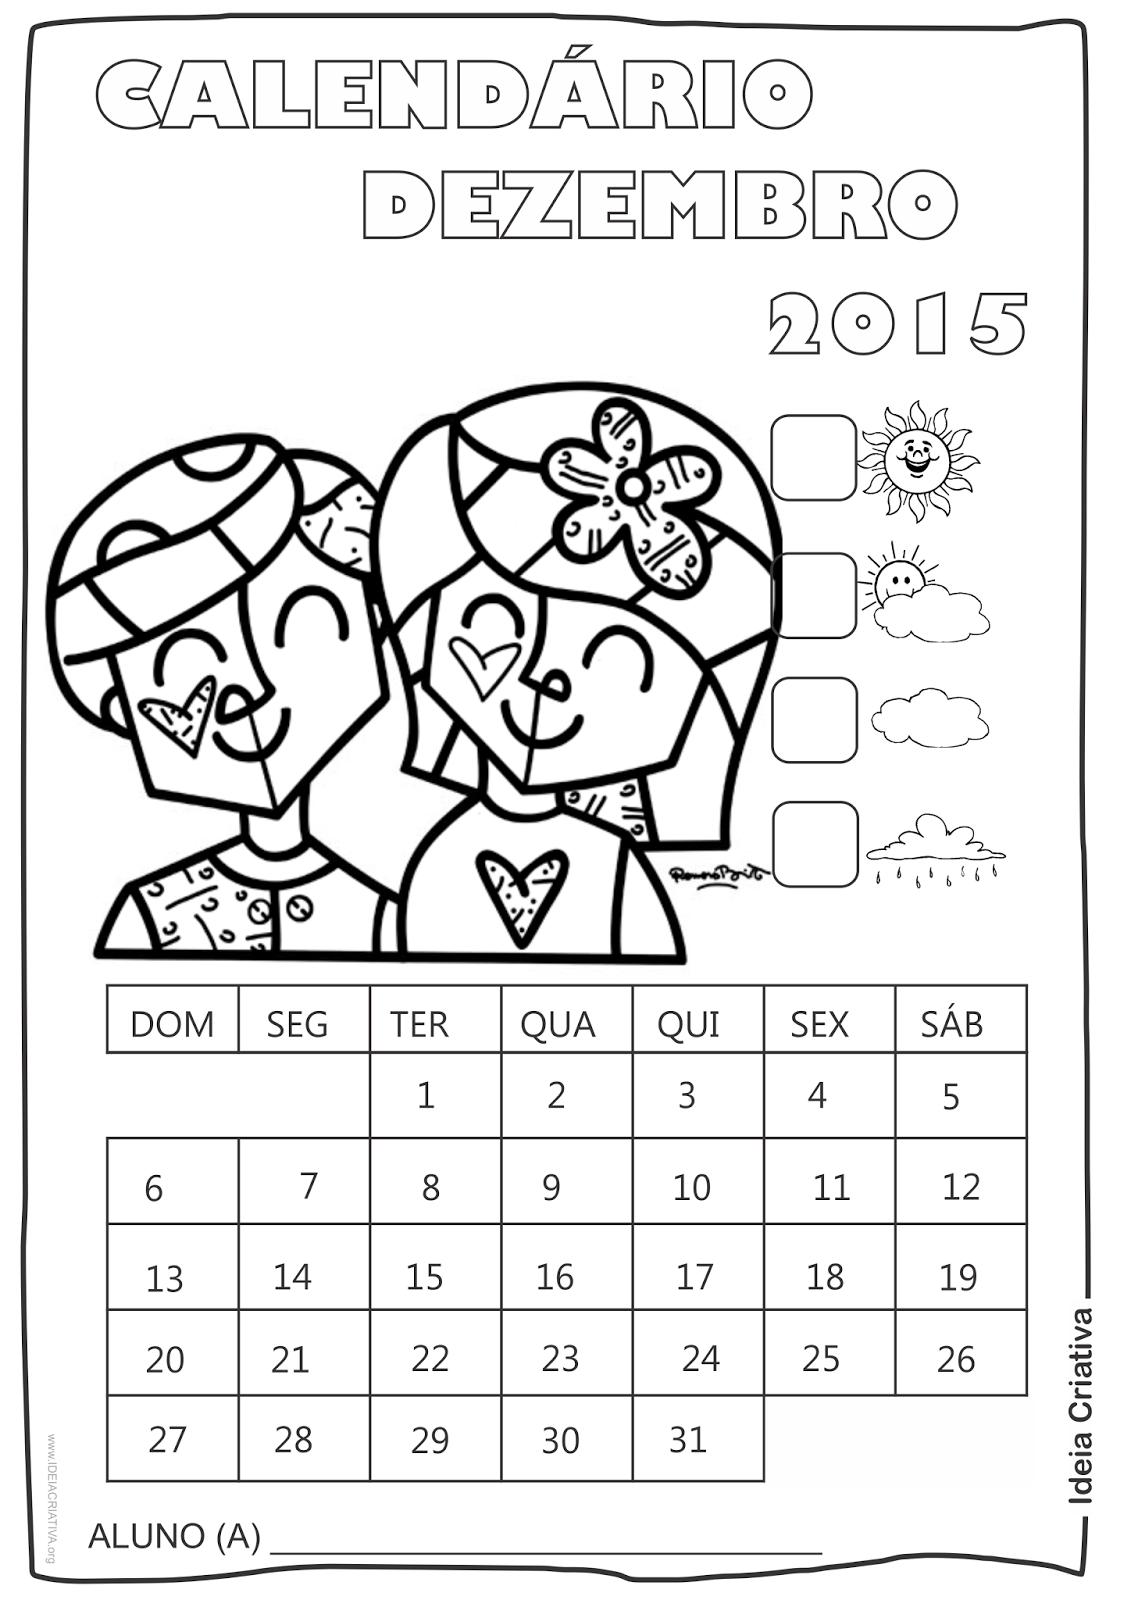 Calendário Dezembro  2015 com Desenho Crianças  de Romero Britto para Colorir